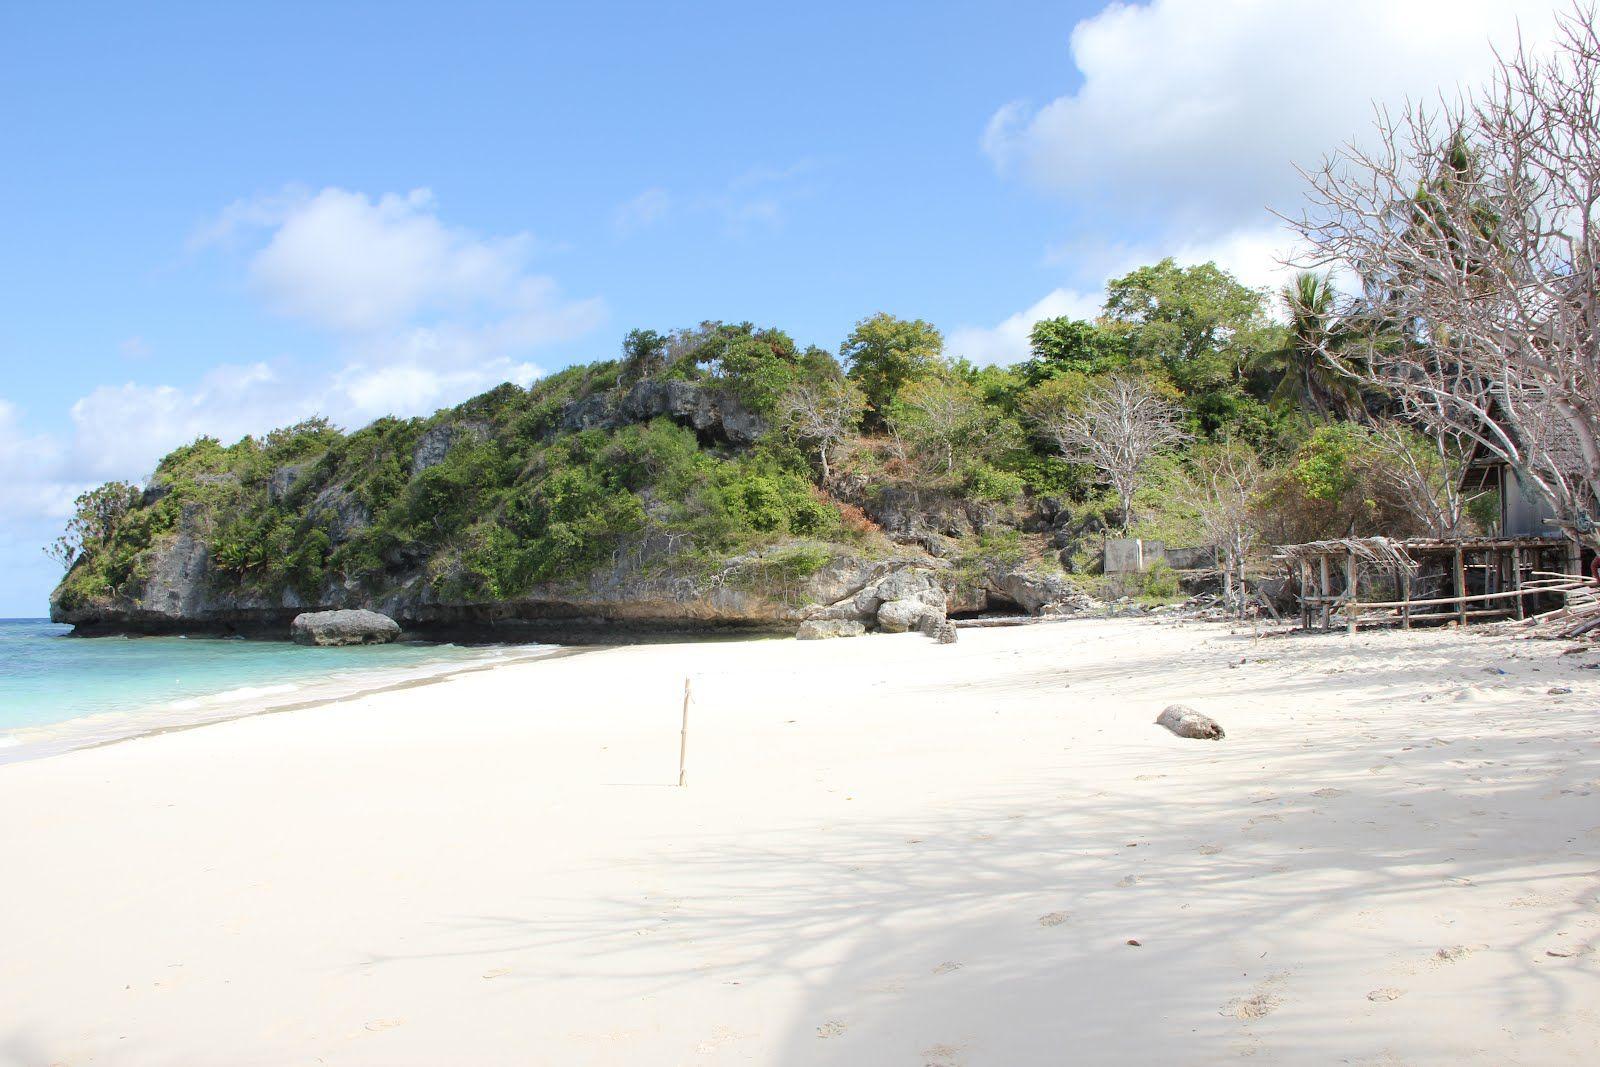 Pantai Marumasa Sulawesi Selatan Keindahan Pasir Putih Eksotis Leato Kab